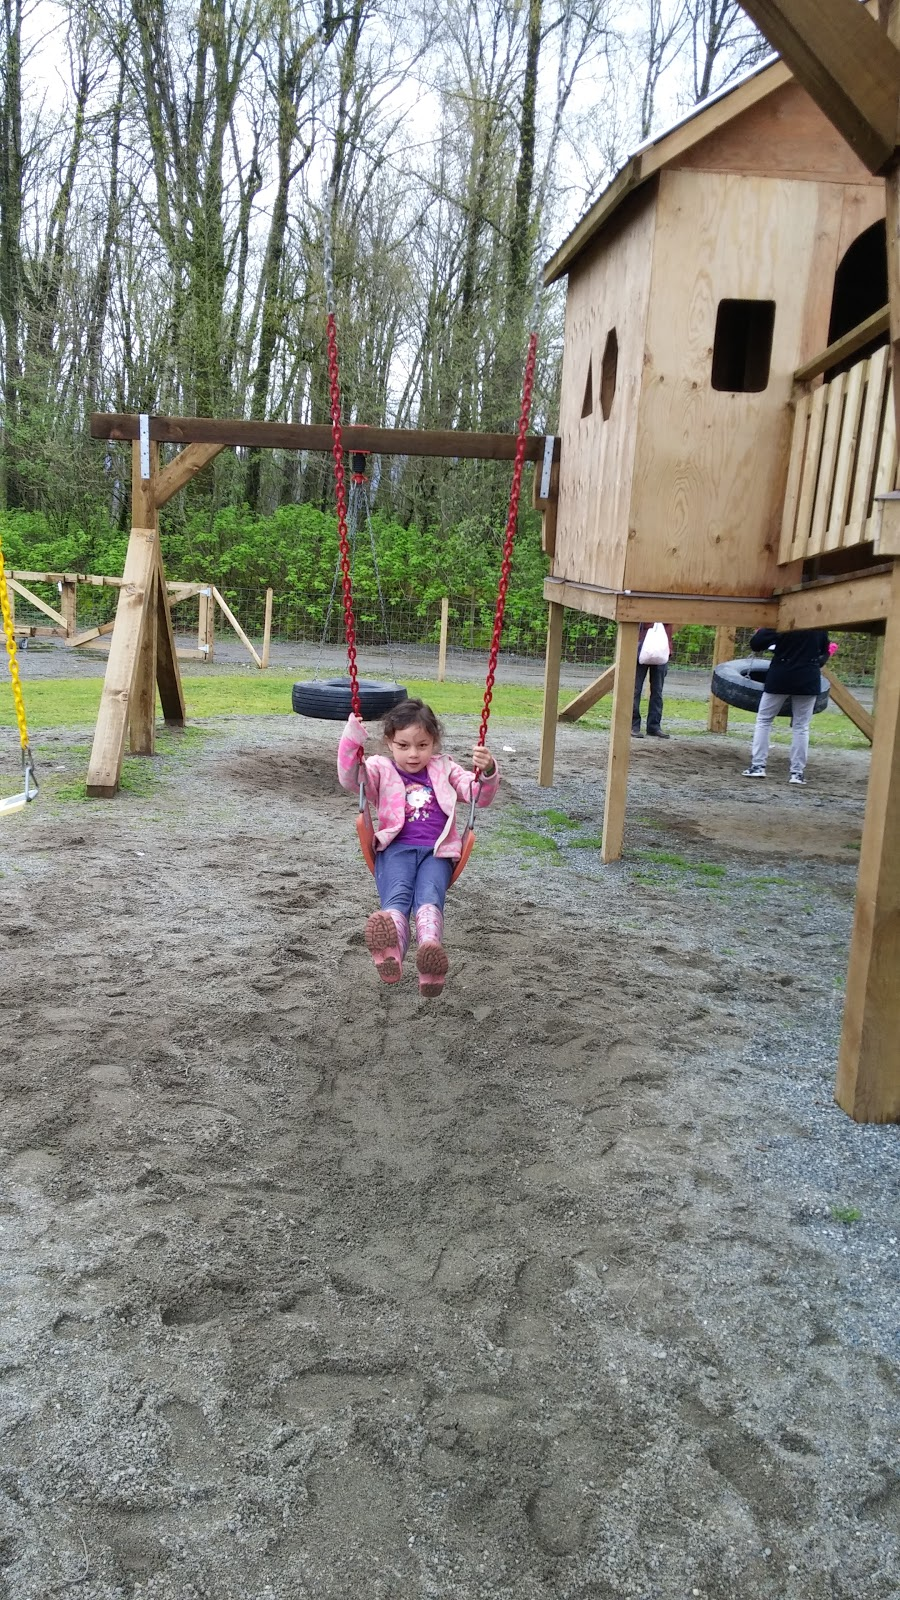 She had fun on the swing